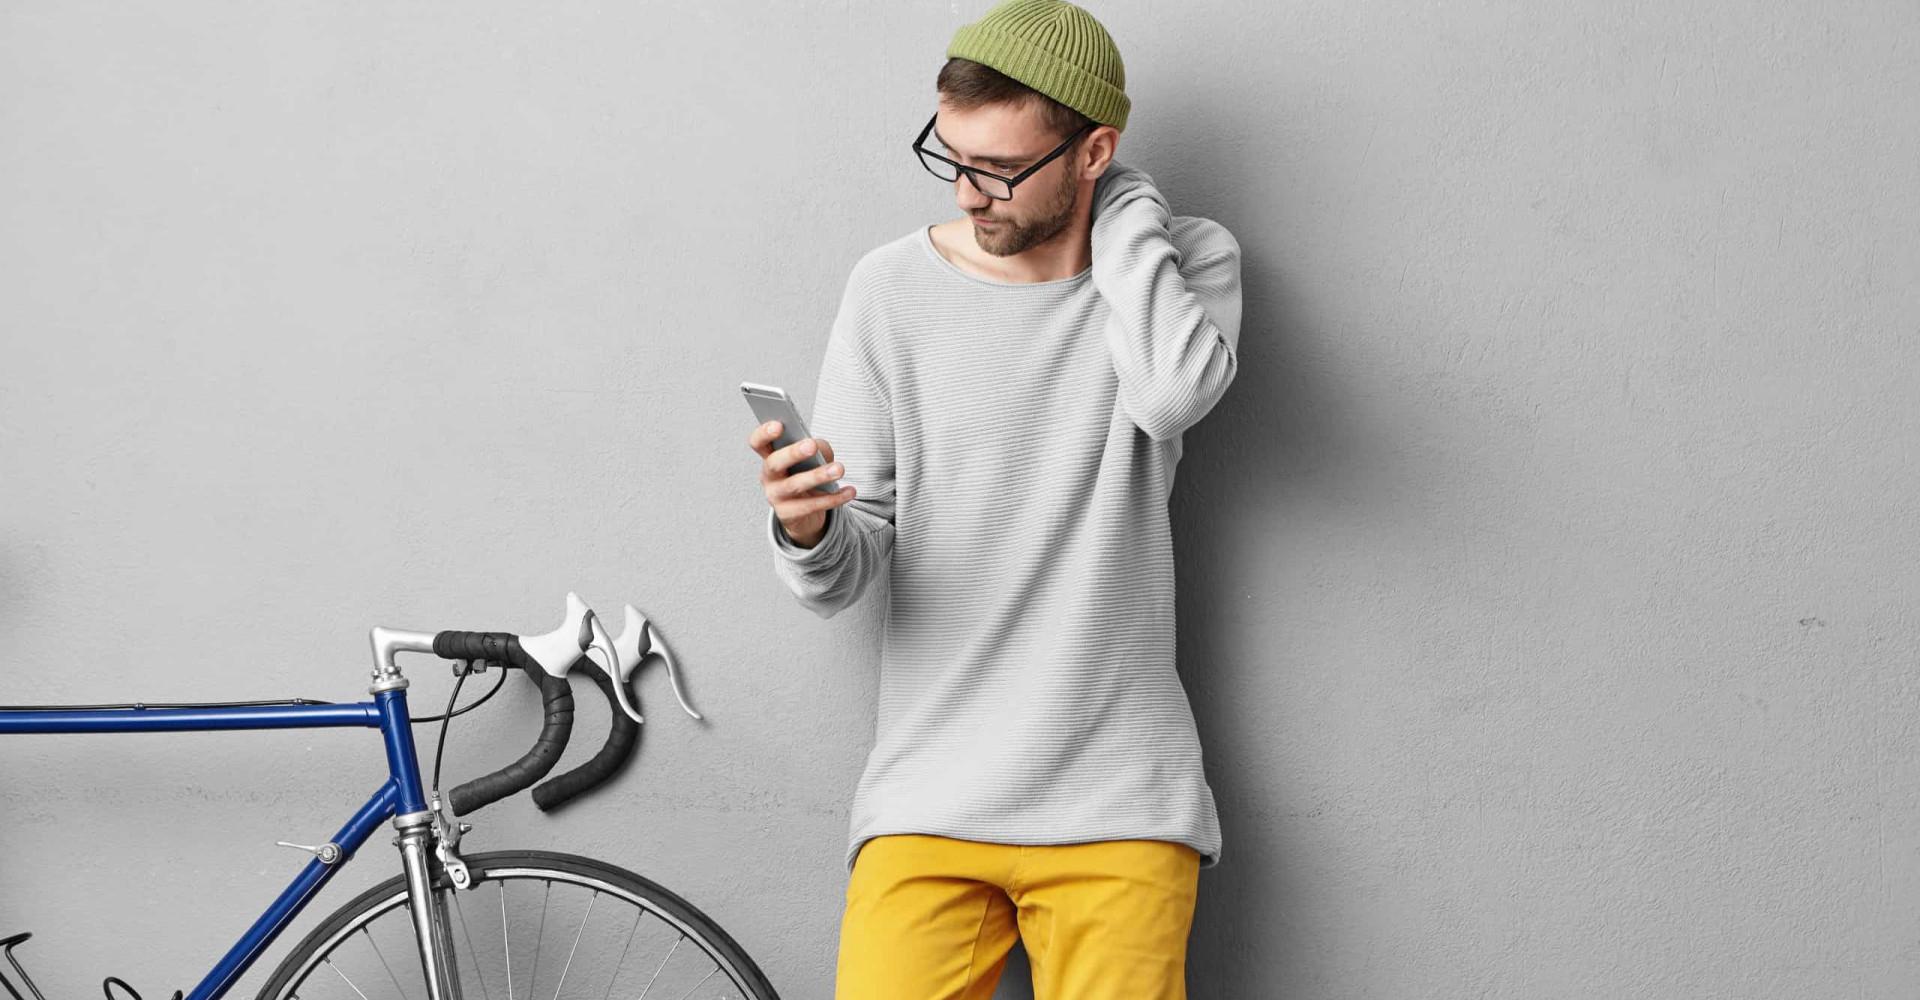 Smartphonegebruik kan leiden tot een tekstnek